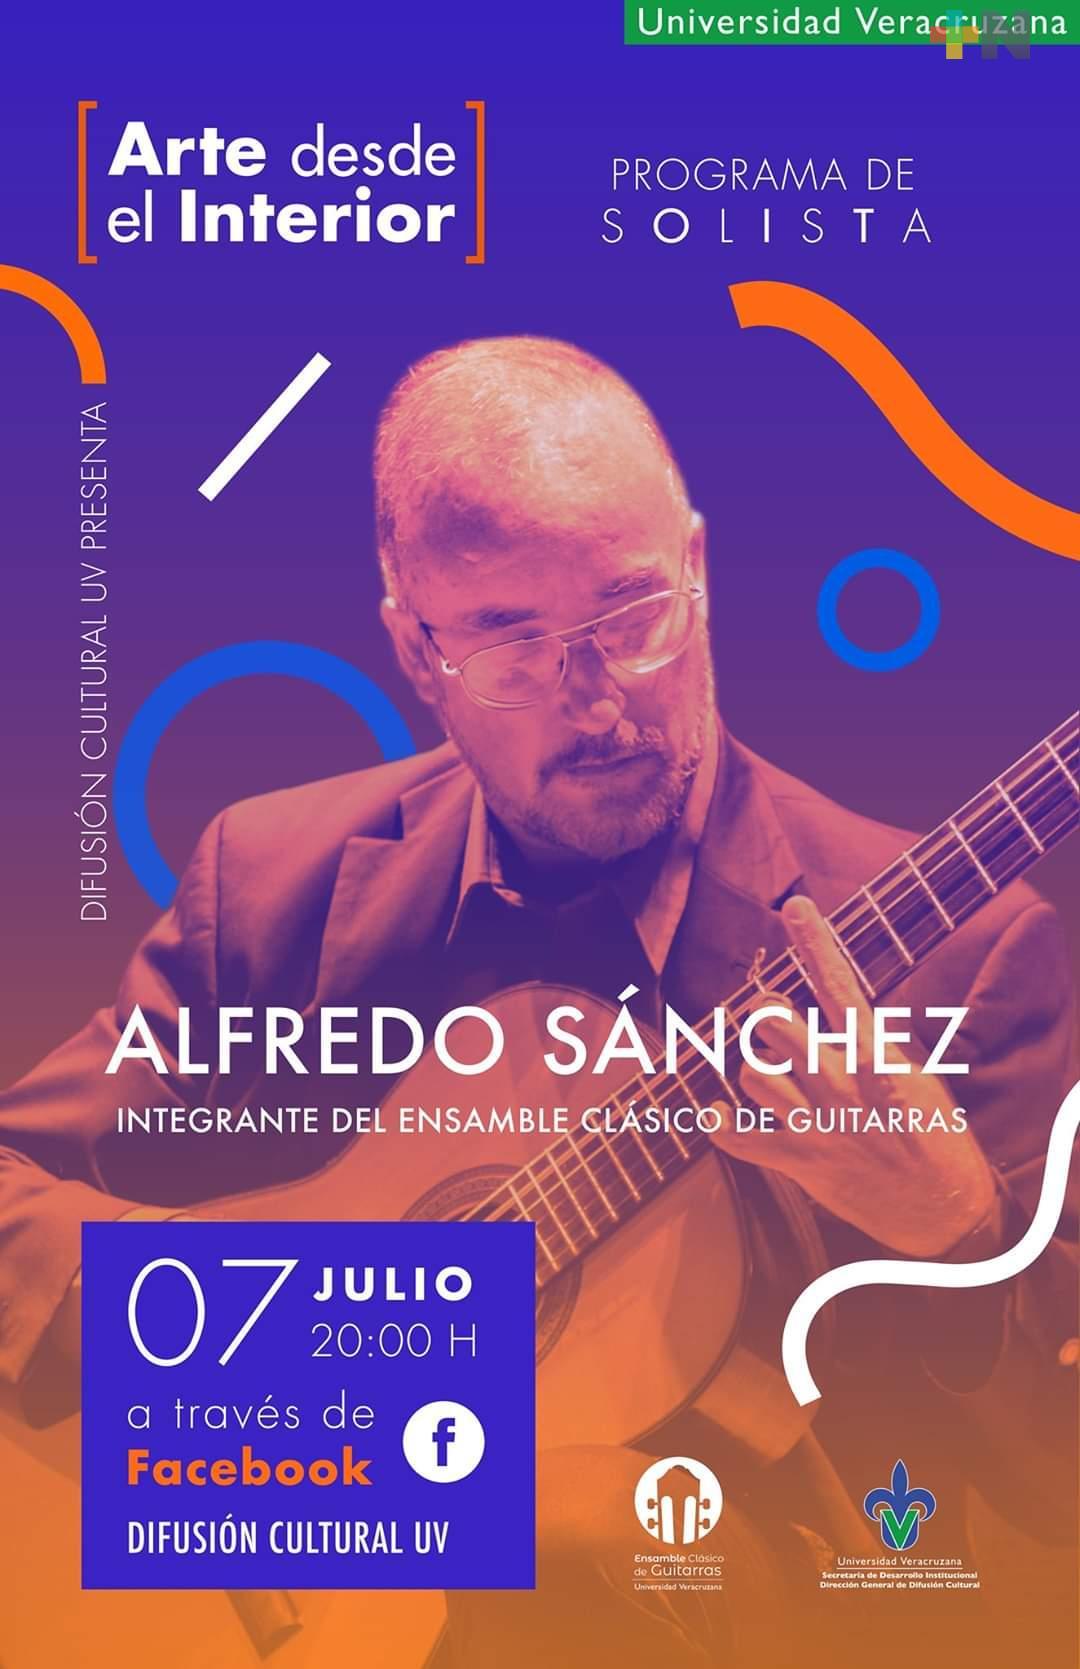 Difusión Cultural UV presenta el arte de la guitarra clásica en su primer programa de solistas